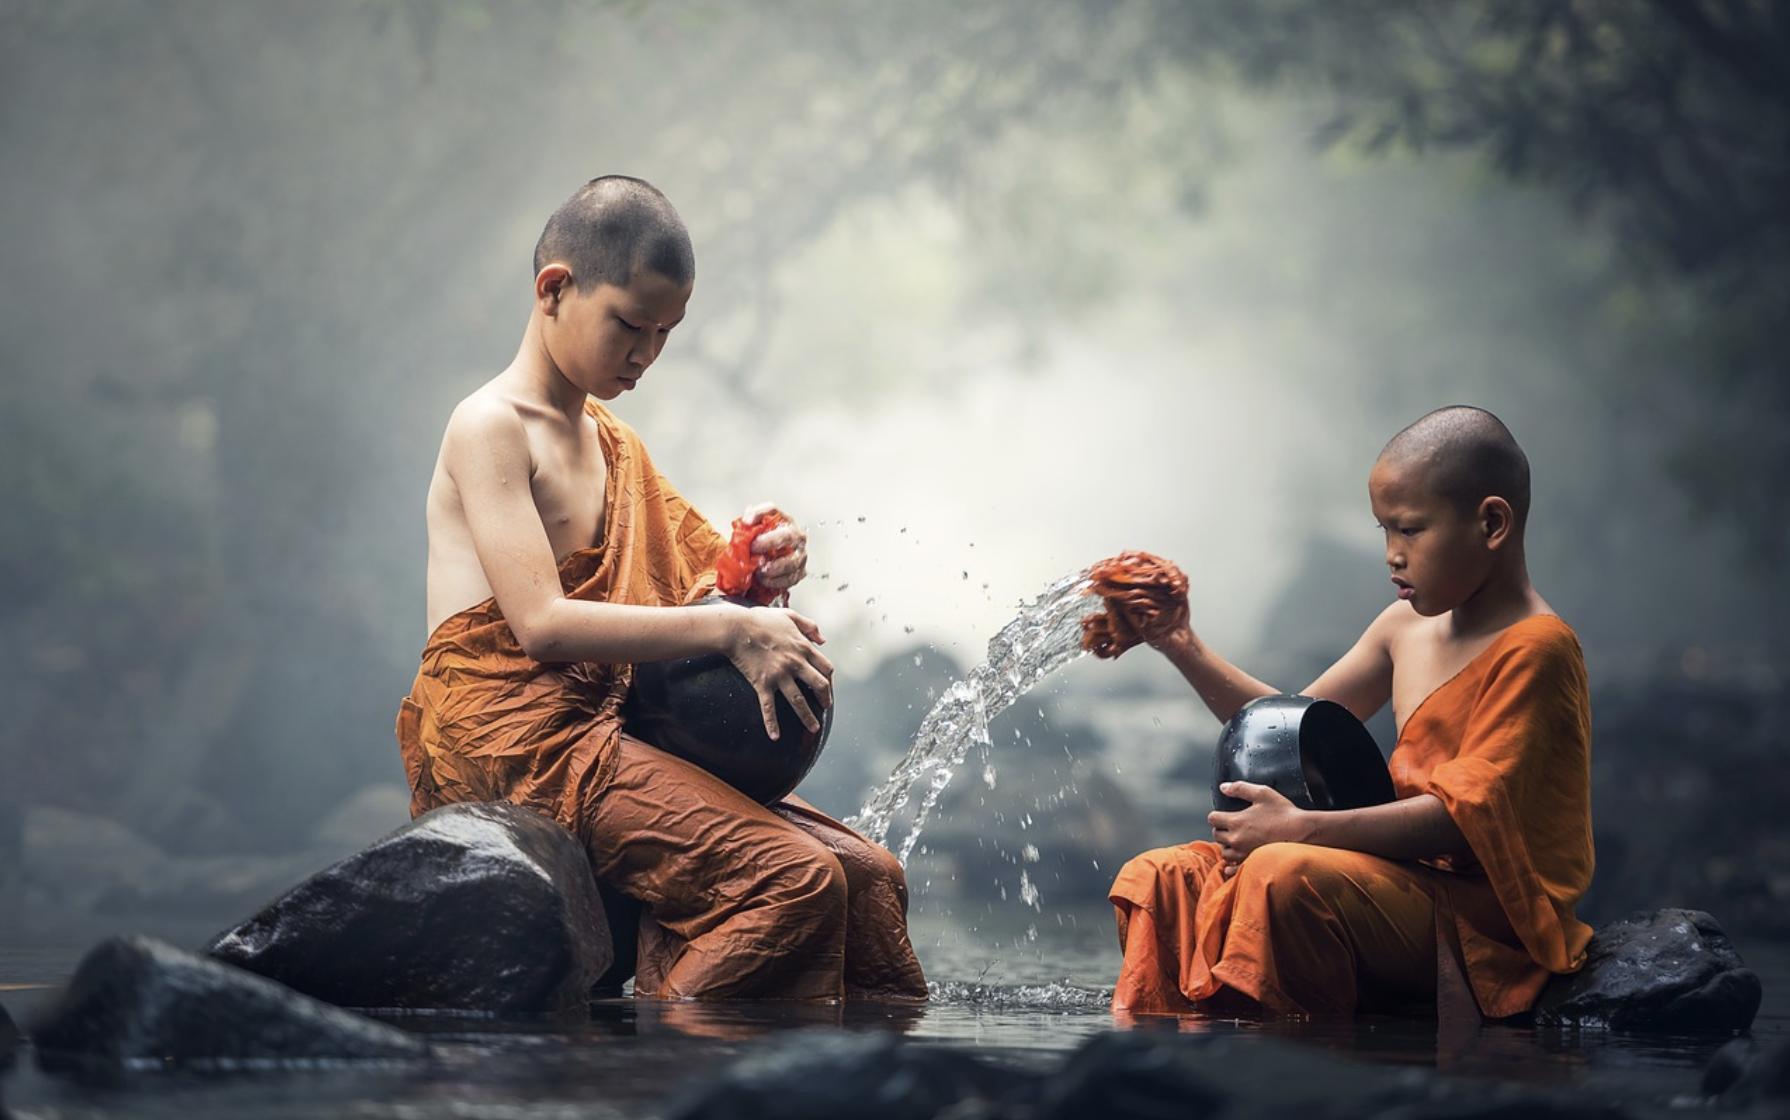 Thailandia - Farmstay e Koh Samui | Expotur Viaggi